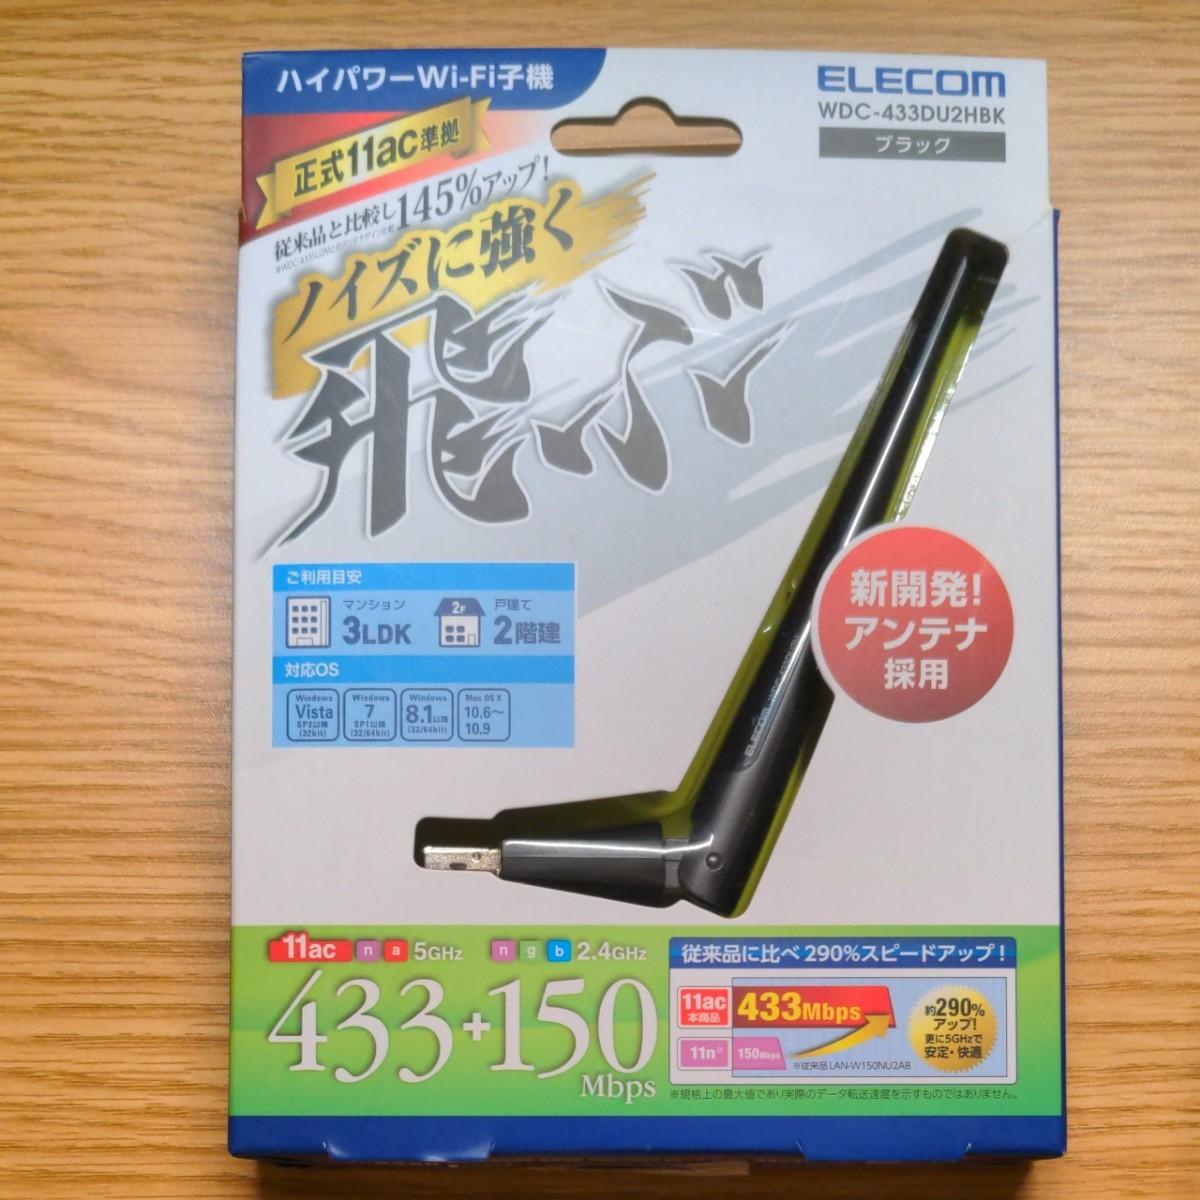 無線LAN子機 WDC-433DU2HBK ELECOM